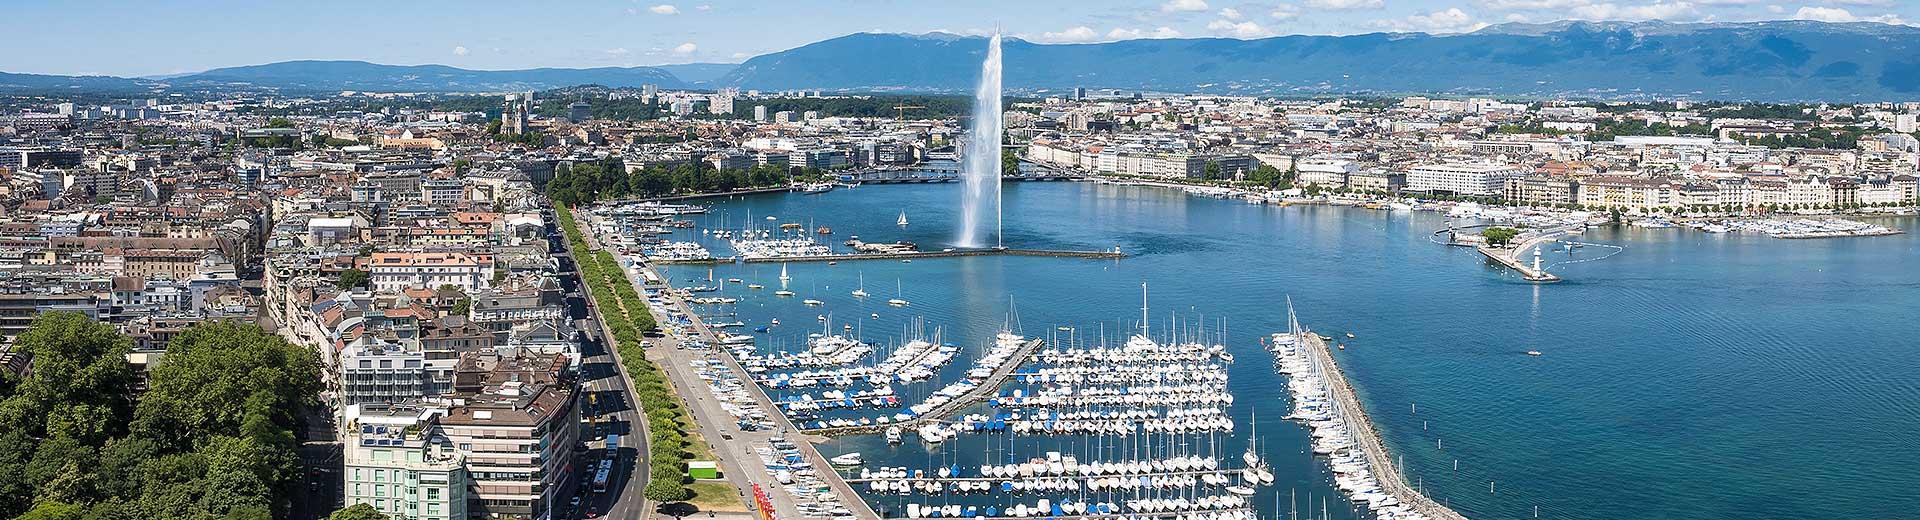 Städtereise Genf